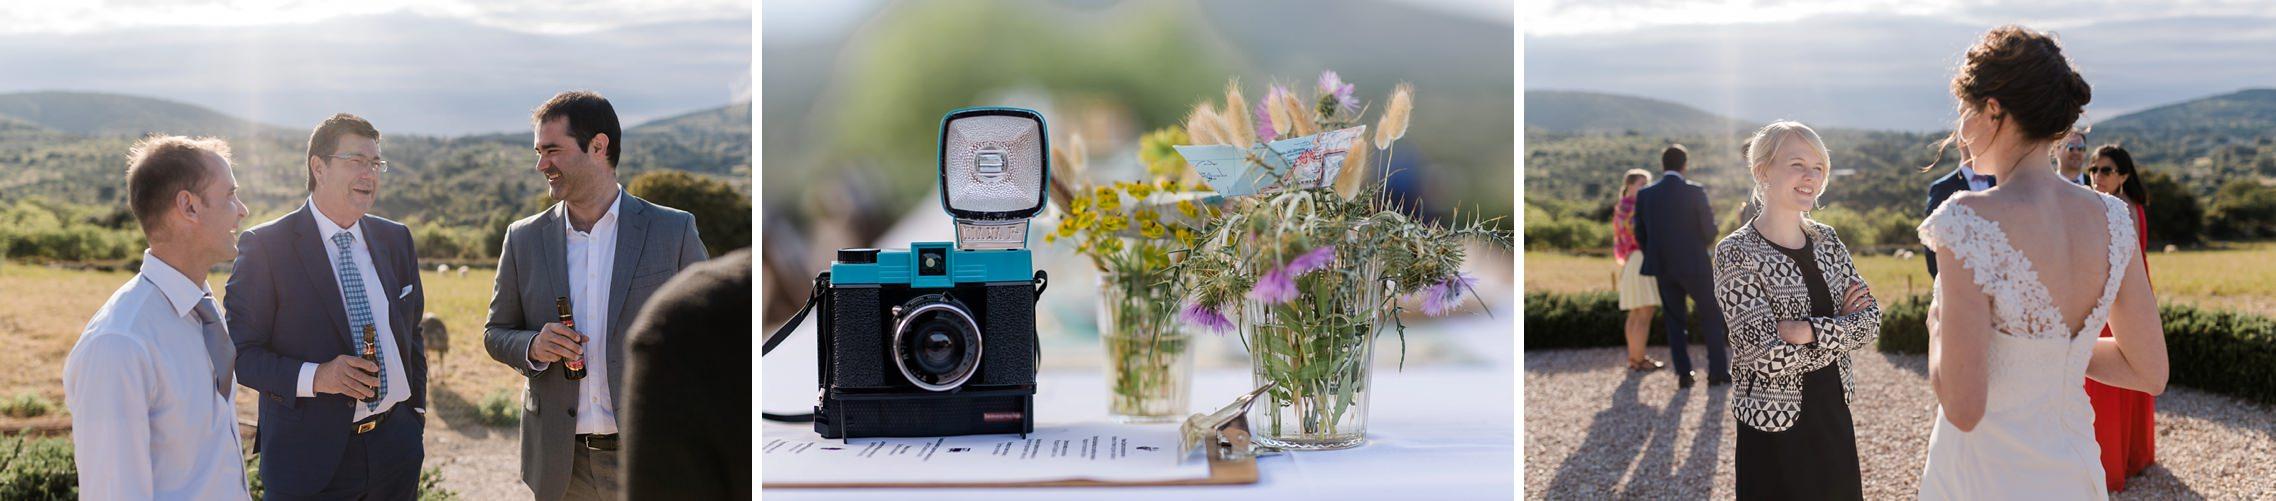 Gutgelaunte Gäste auf der Finca-Hochzeit auf Mallorca